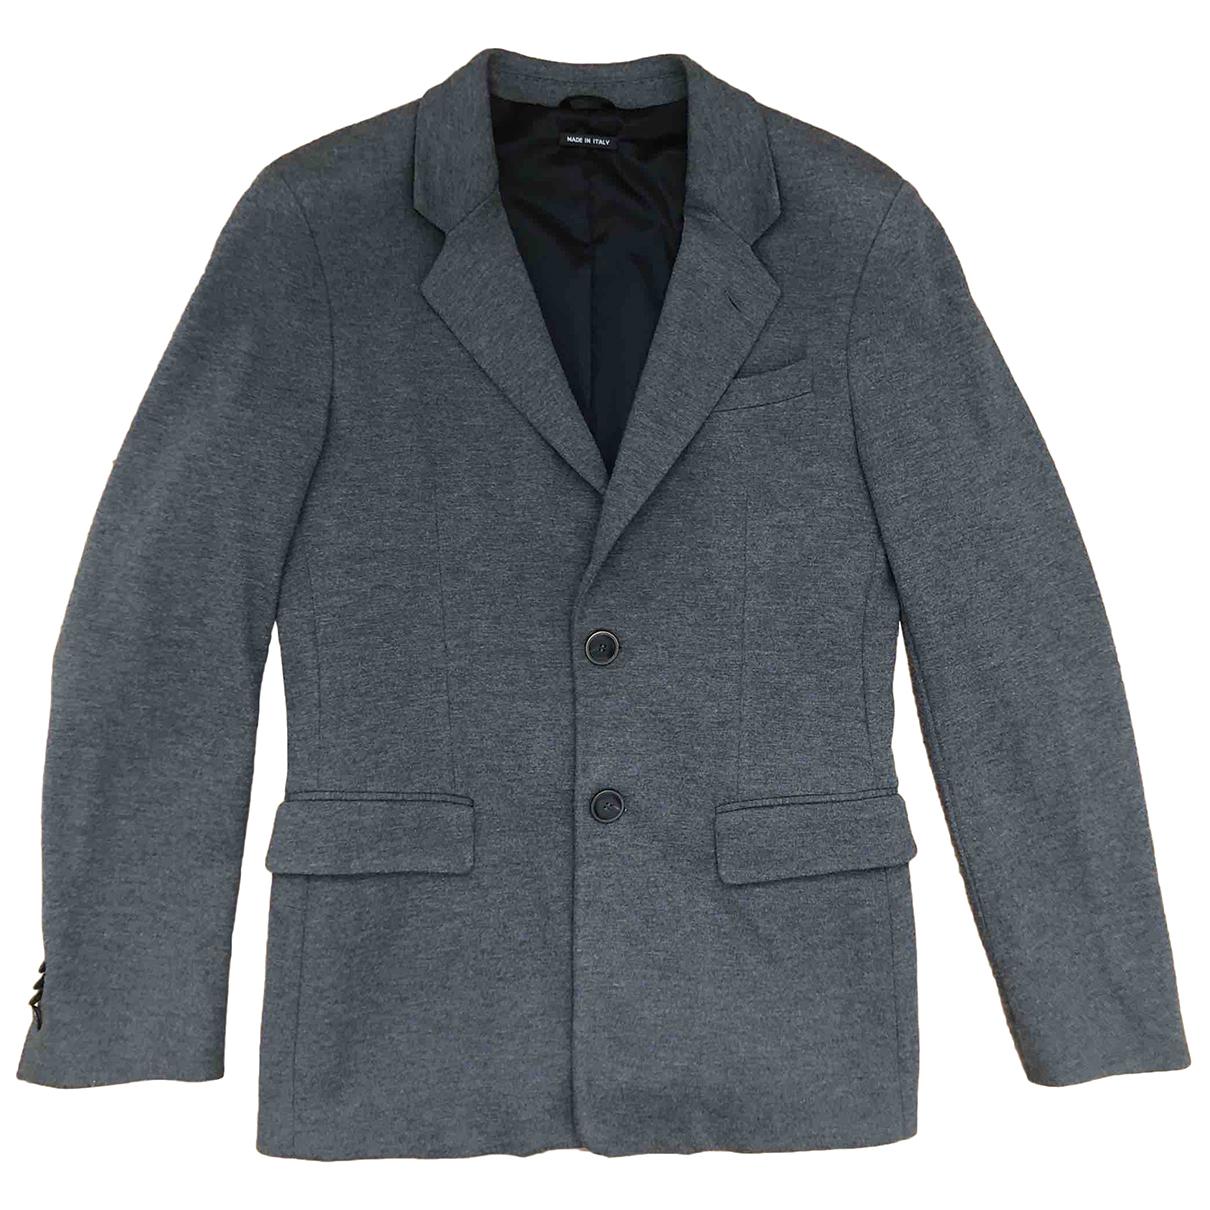 Giorgio Armani N Grey jacket  for Men 46 IT